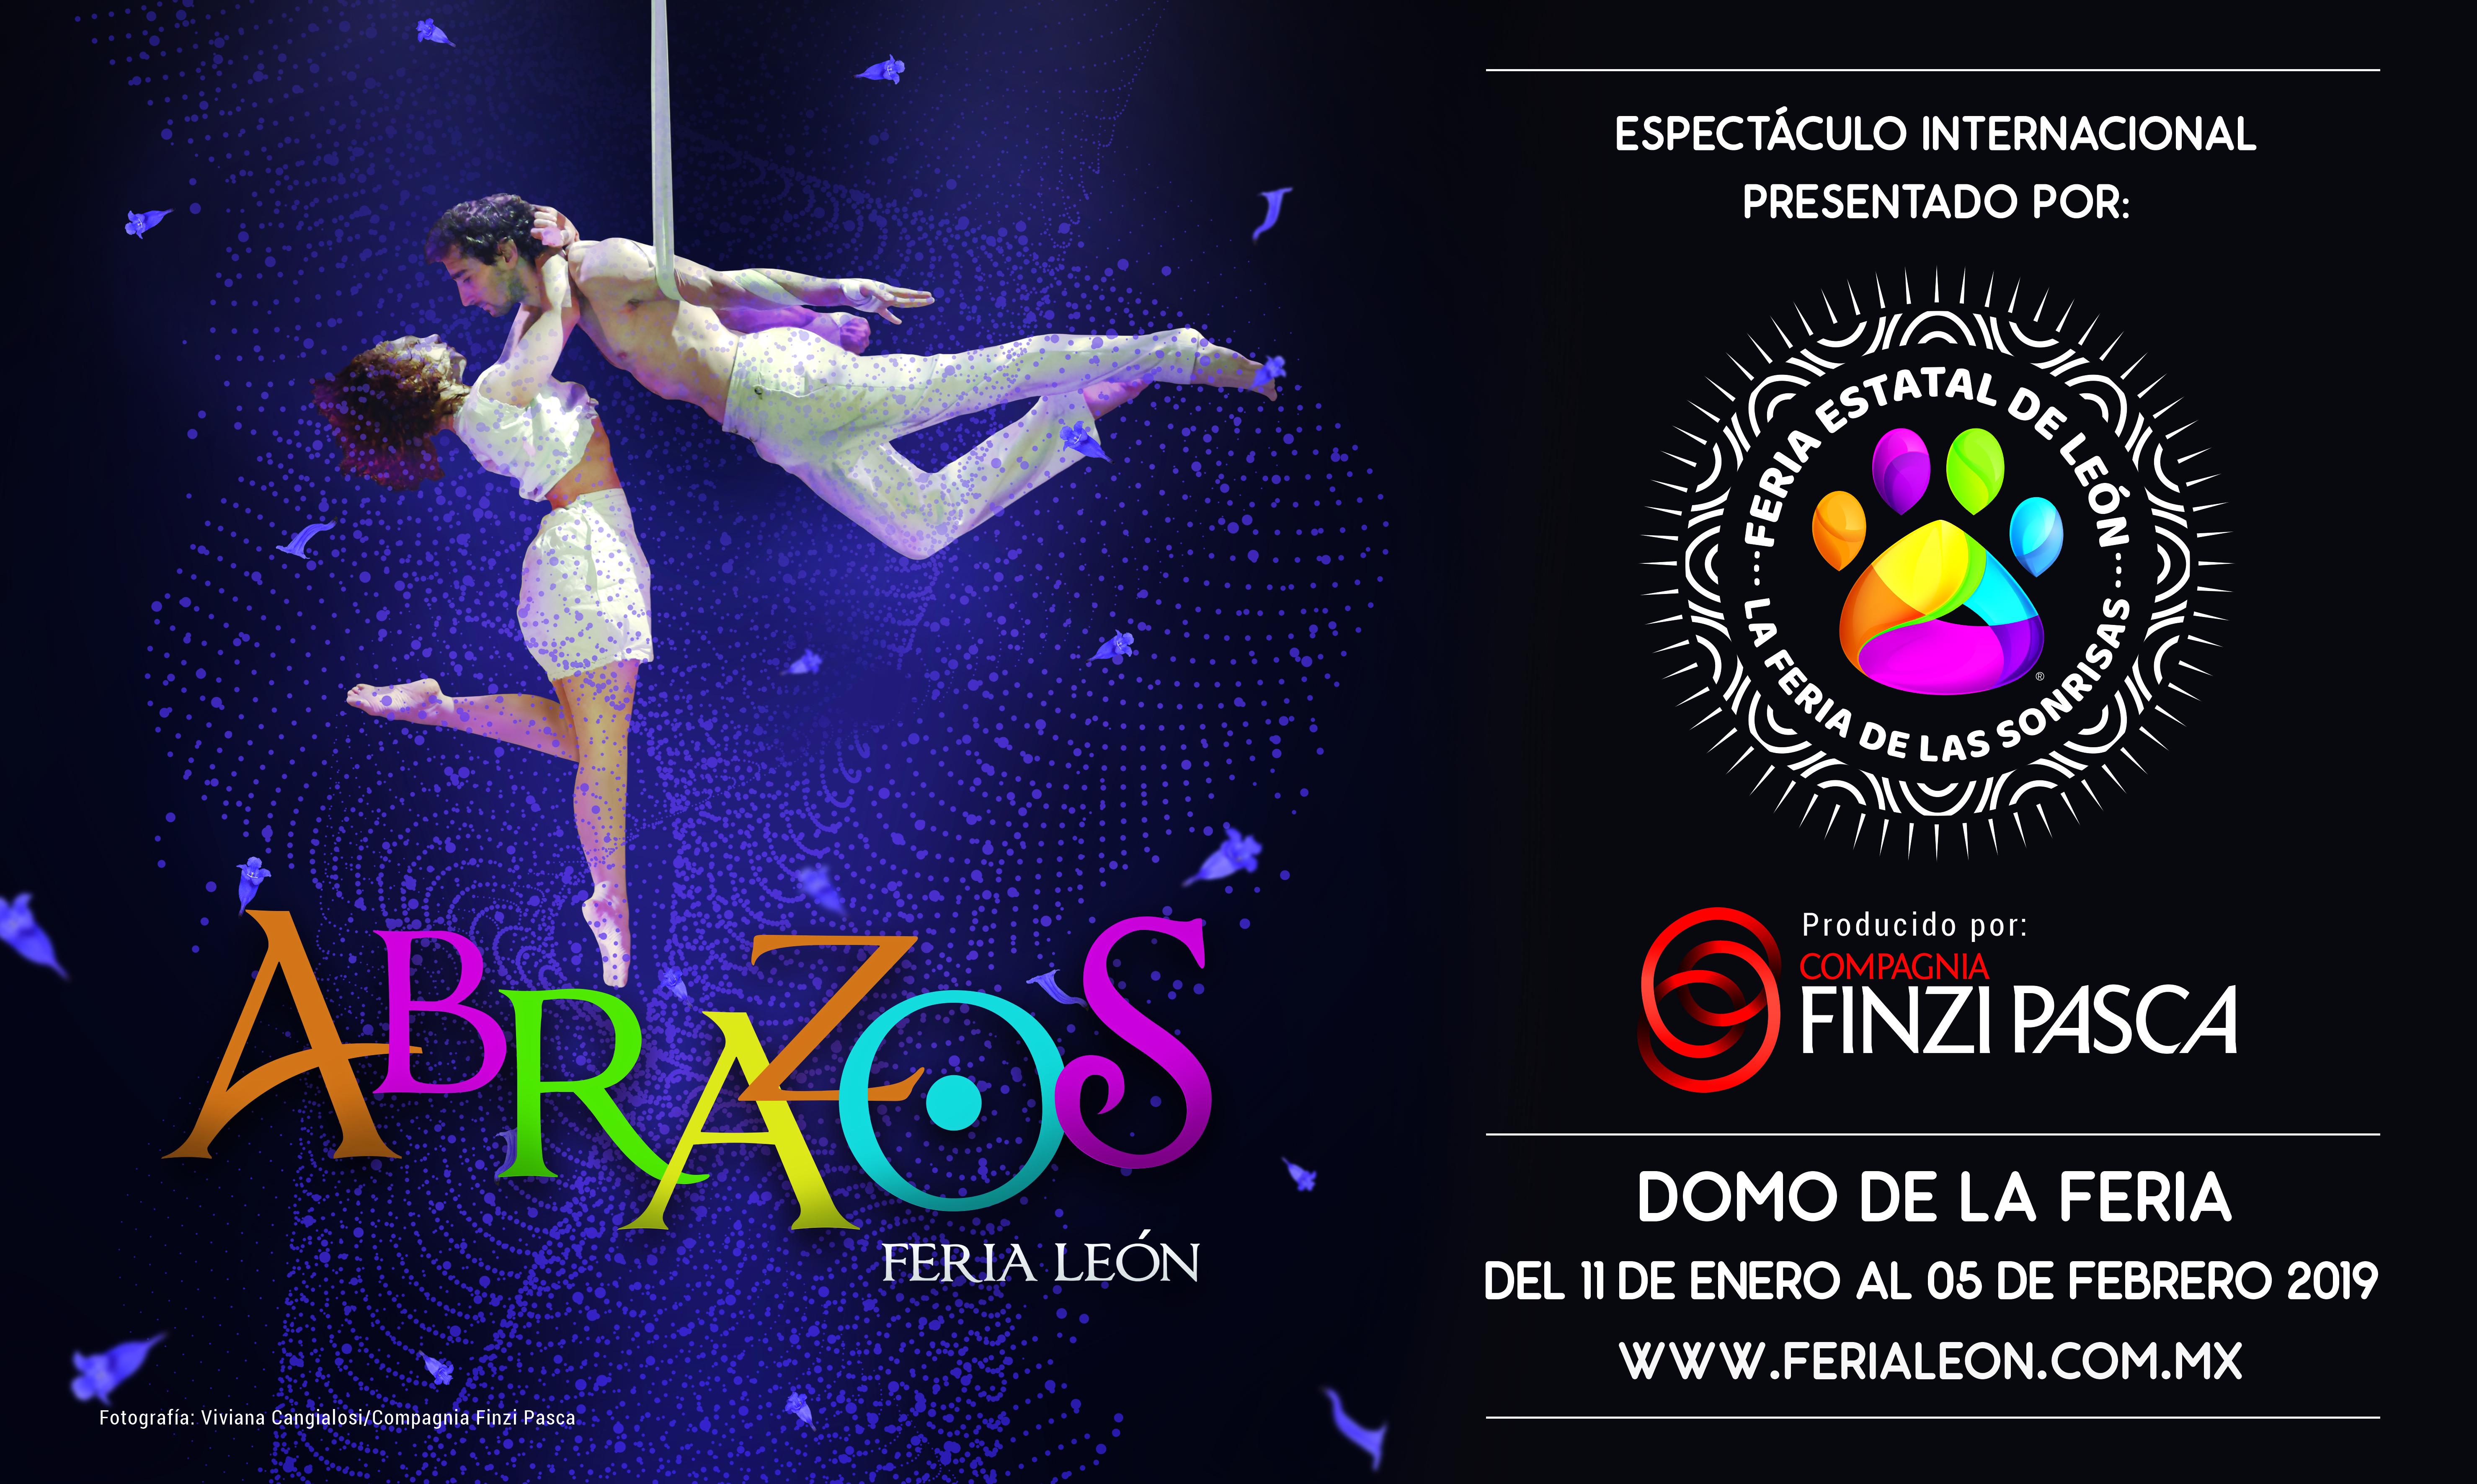 Feria Leon Abrazos